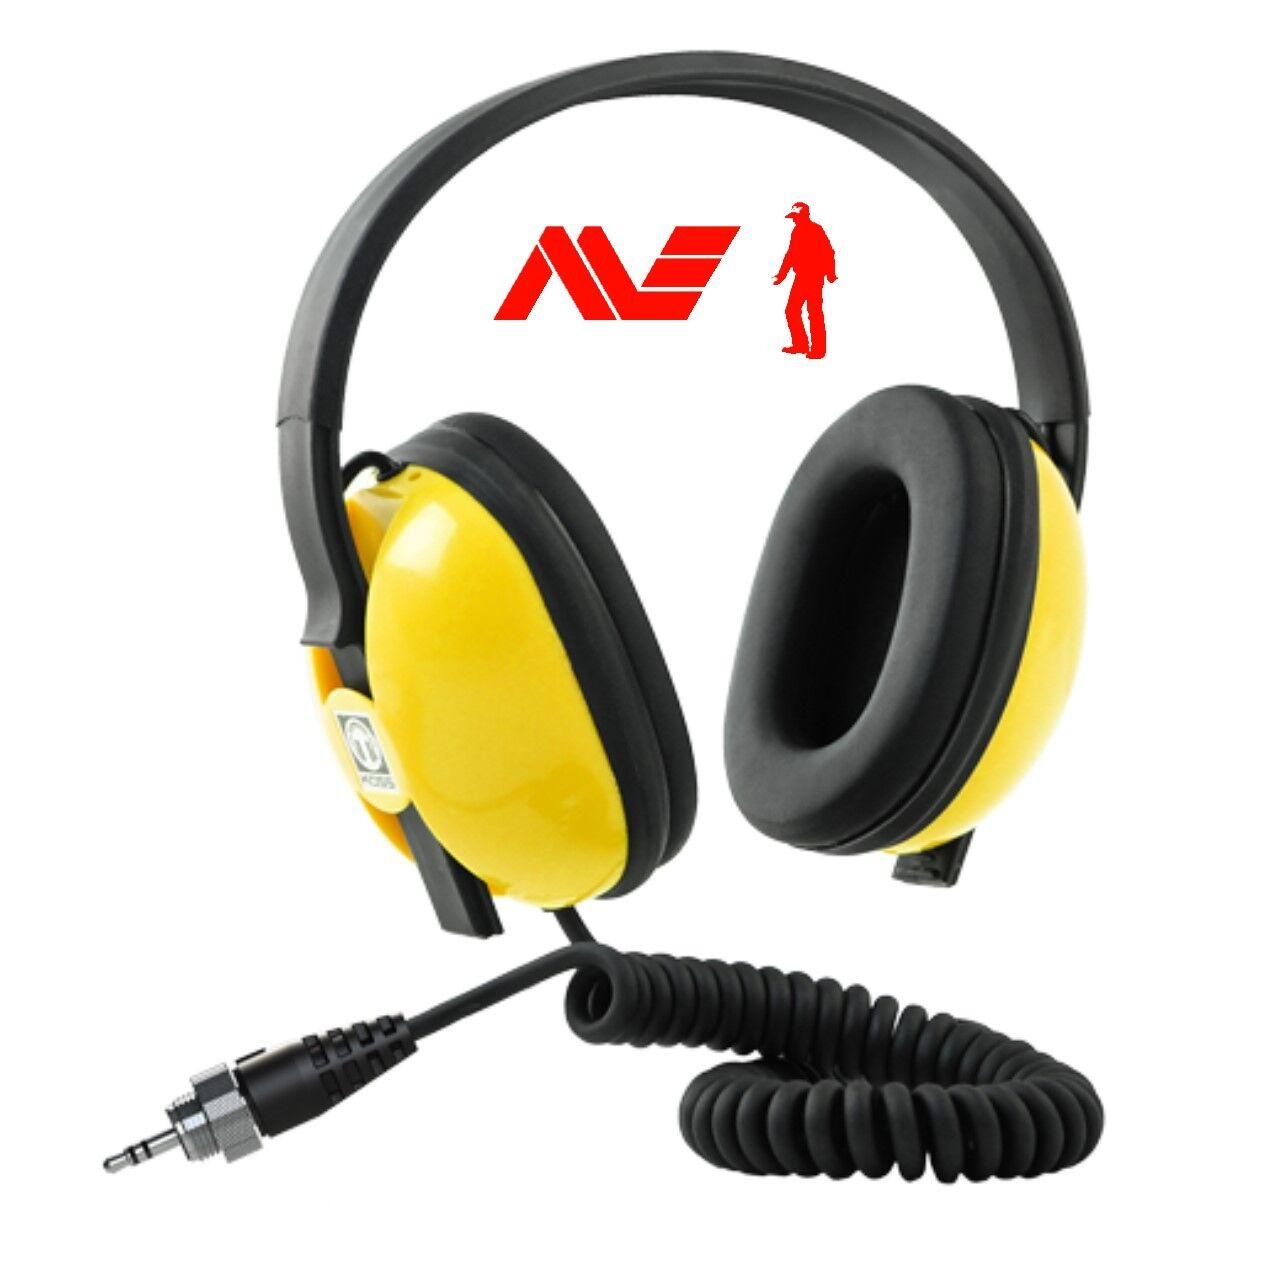 New Minelab Waterproof Headphones for EQUINOX 600 & 800 Metal Detectors,